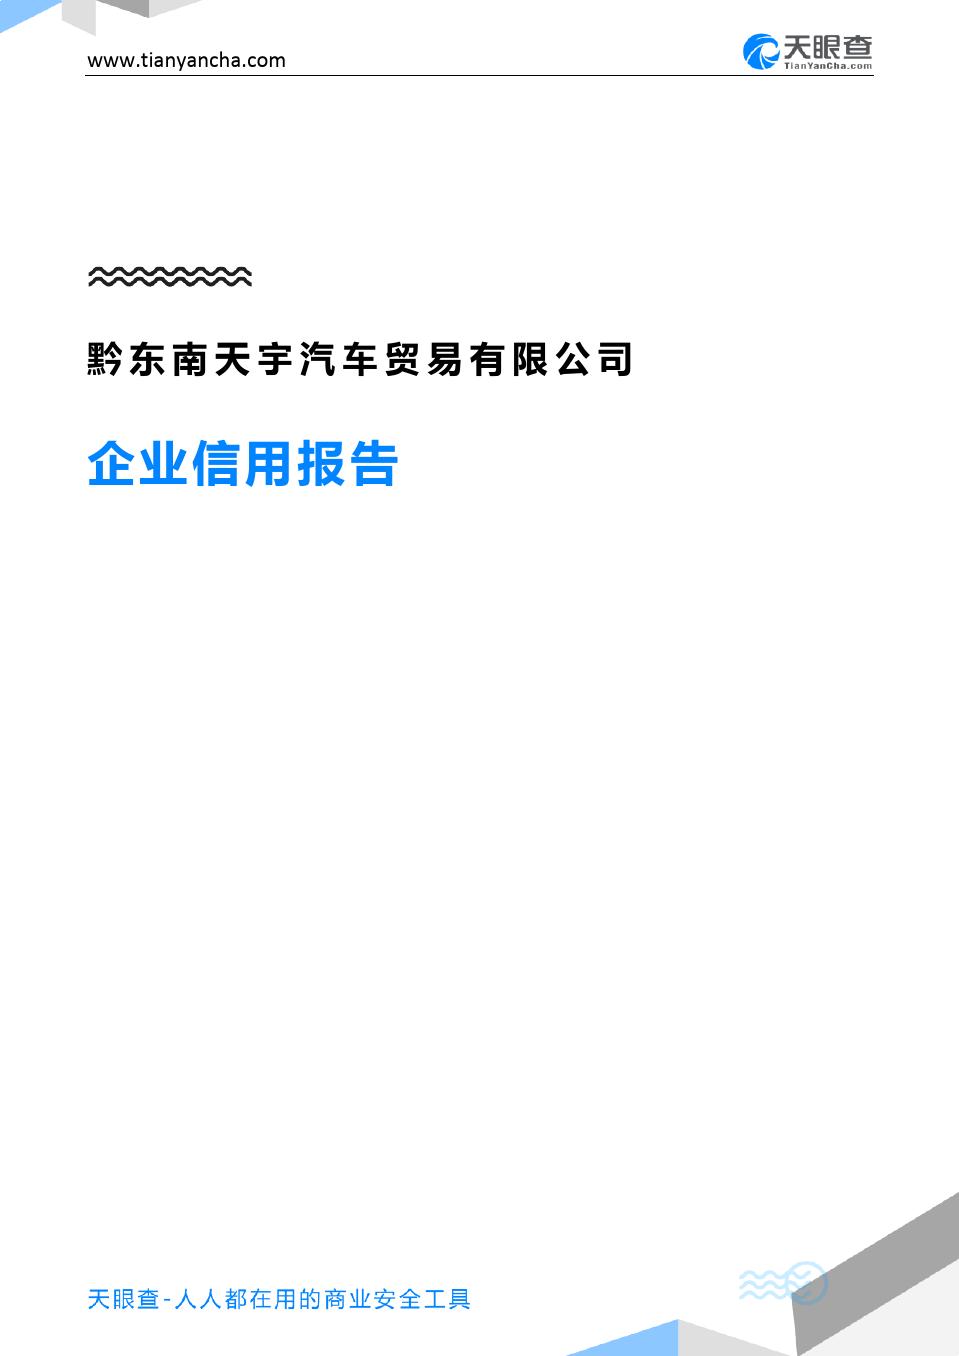 黔东南天宇汽车贸易有限公司(企业信用报告)- 天眼查